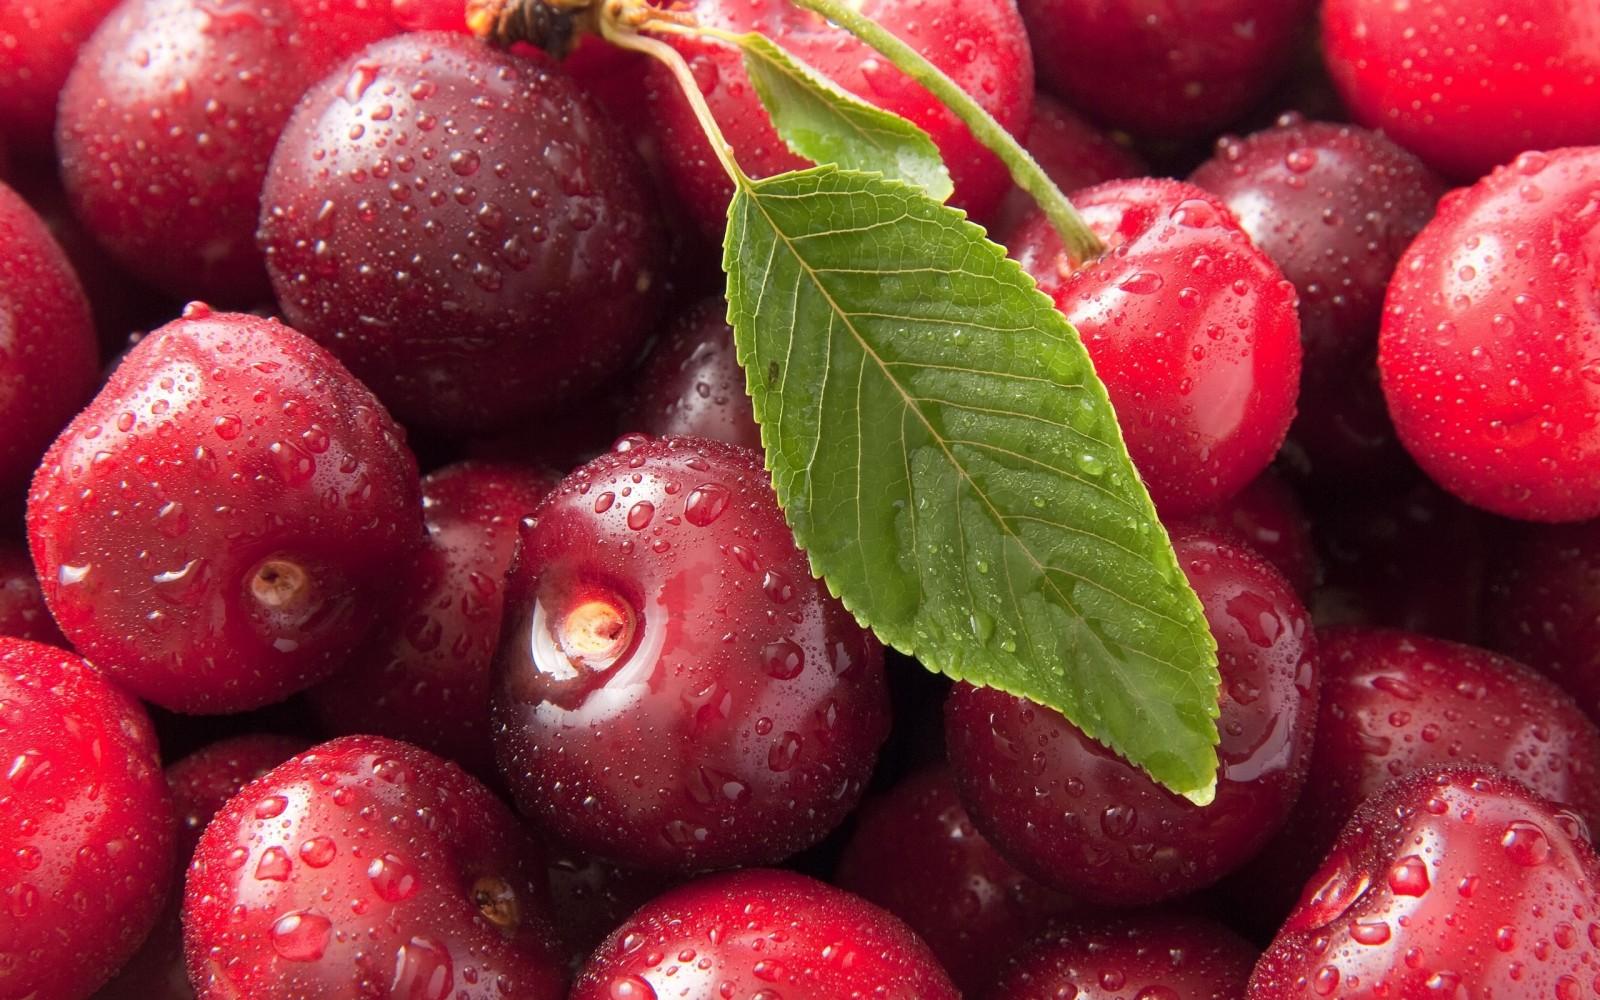 Сорта и виды вишни: их особенности для разных регионов России и Украины